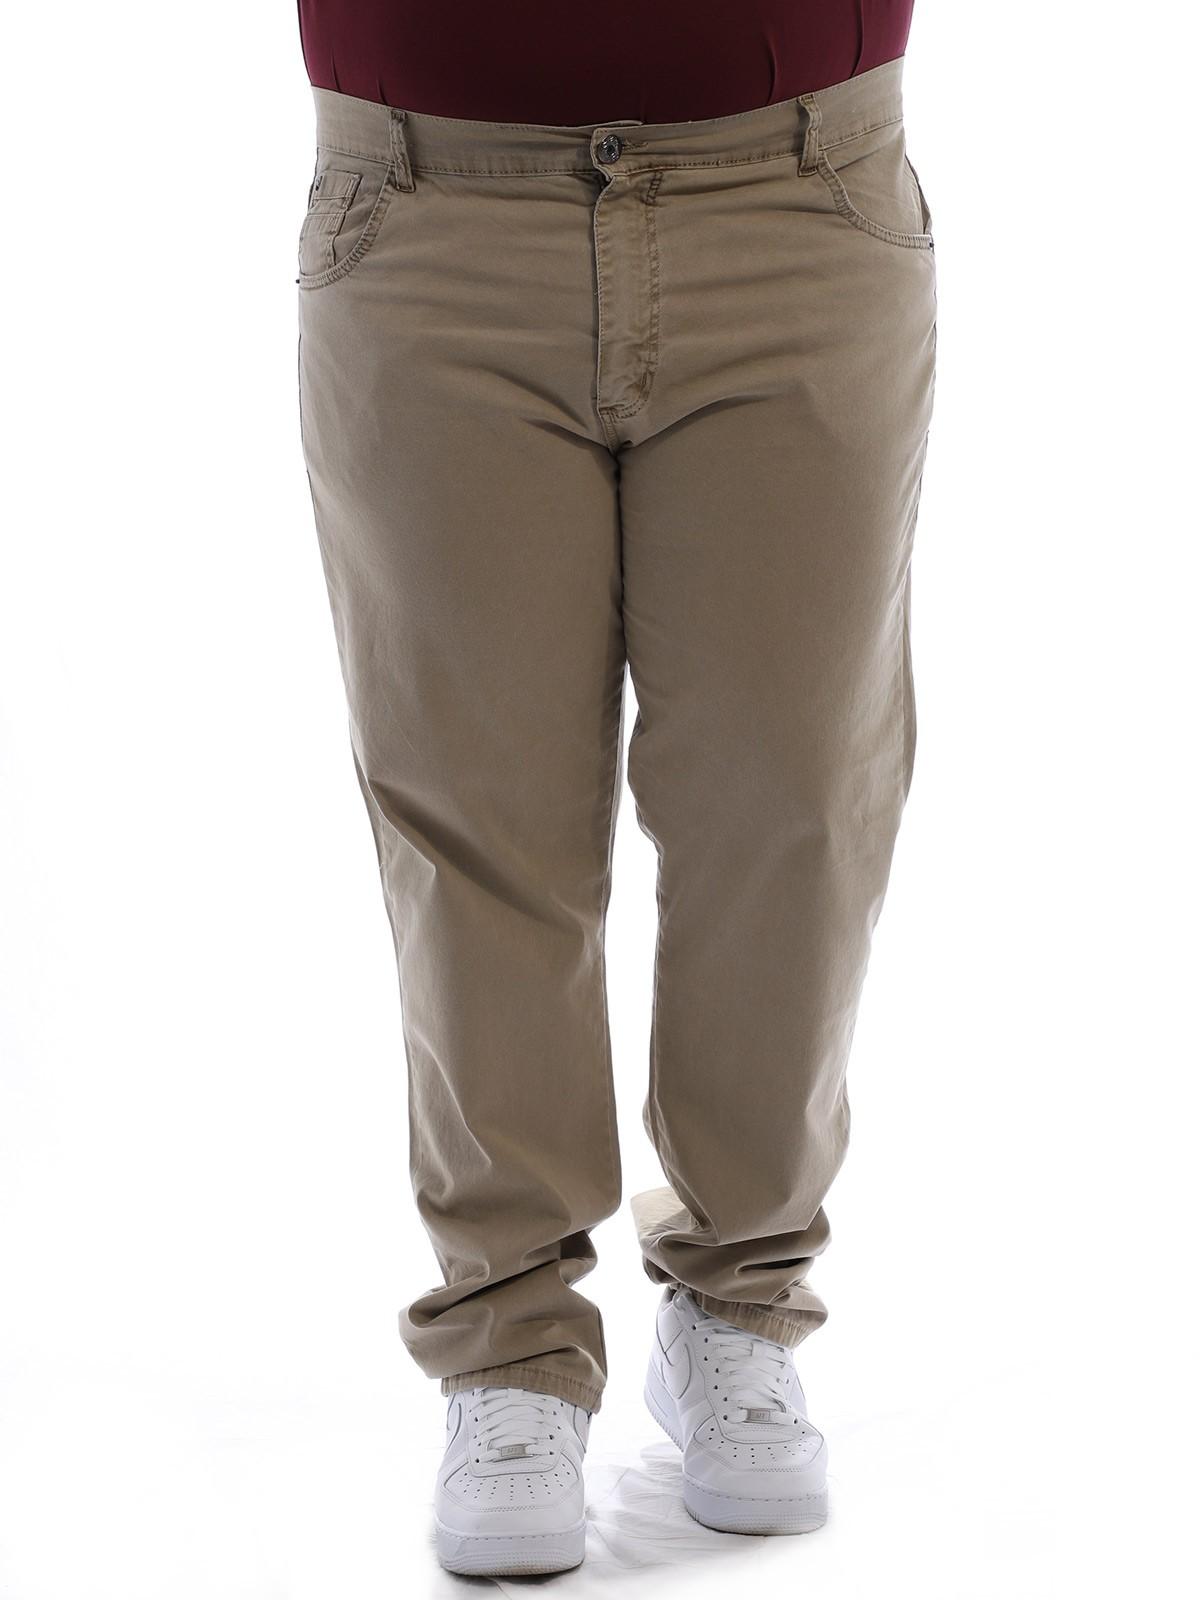 Calça Plus Size Masculina Sarja Tinturada Com Strech Areia